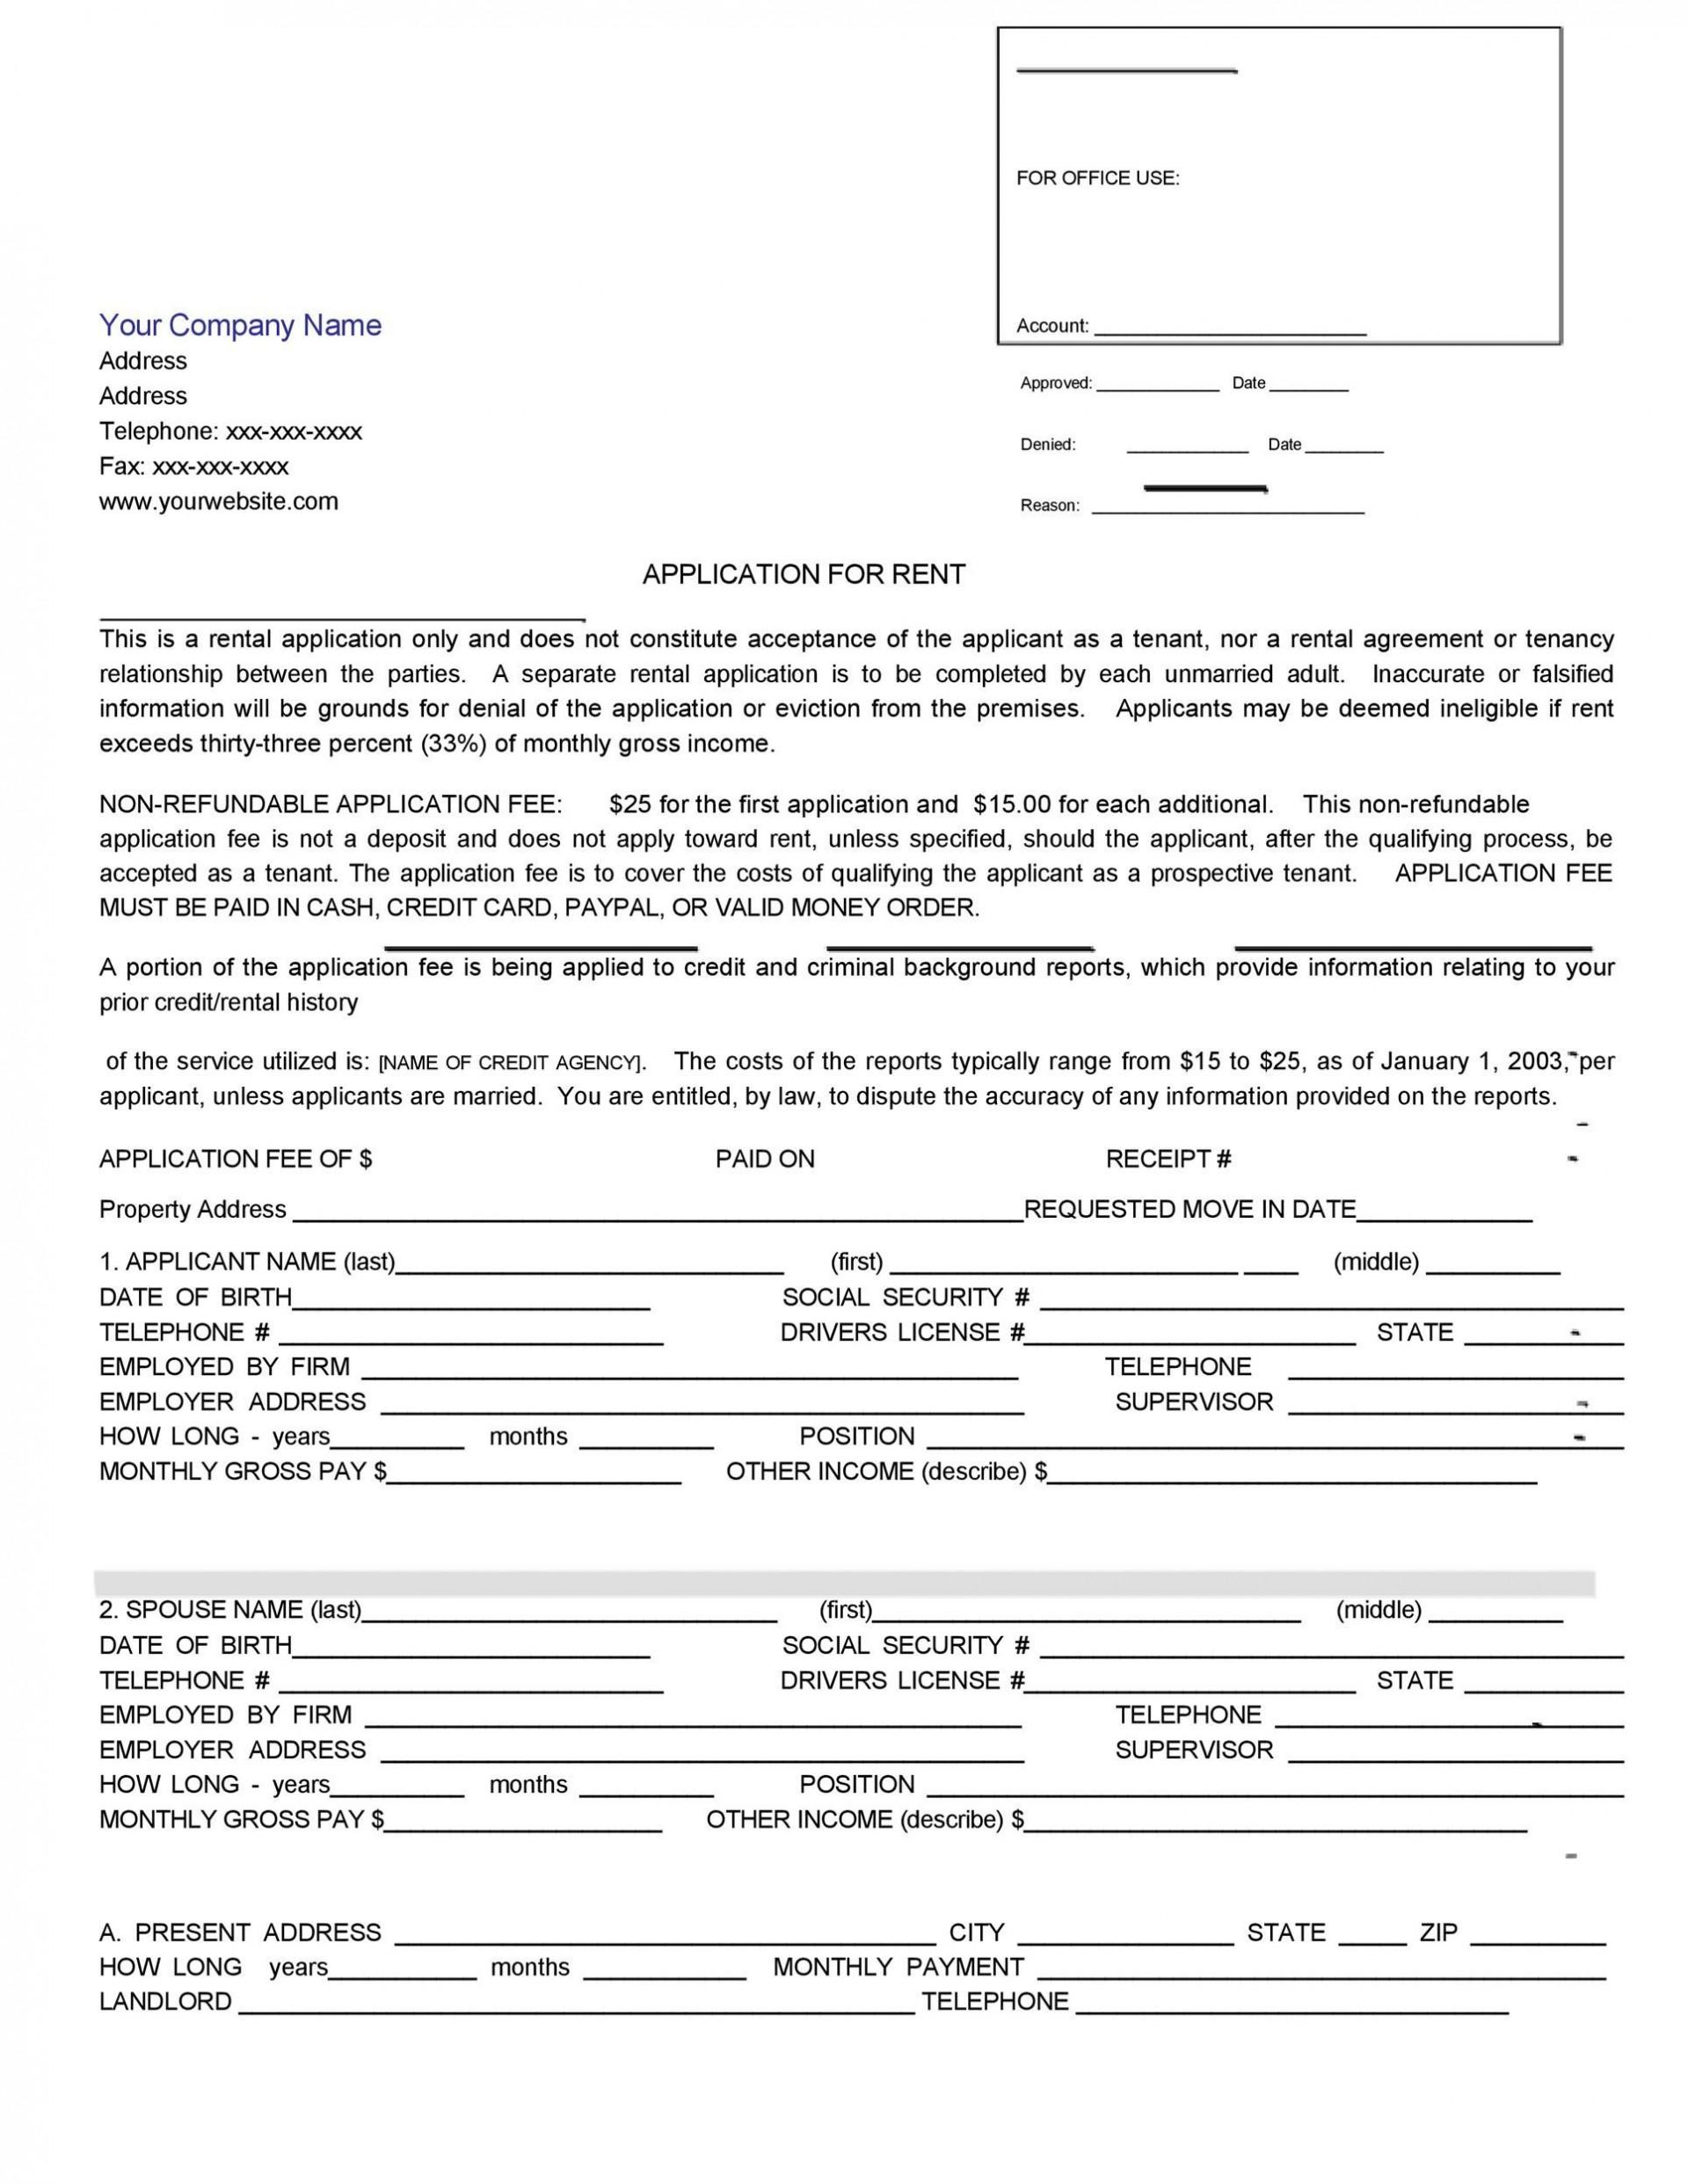 004 Surprising Free Rental Application Template Design  Form Oregon Credit Online1920